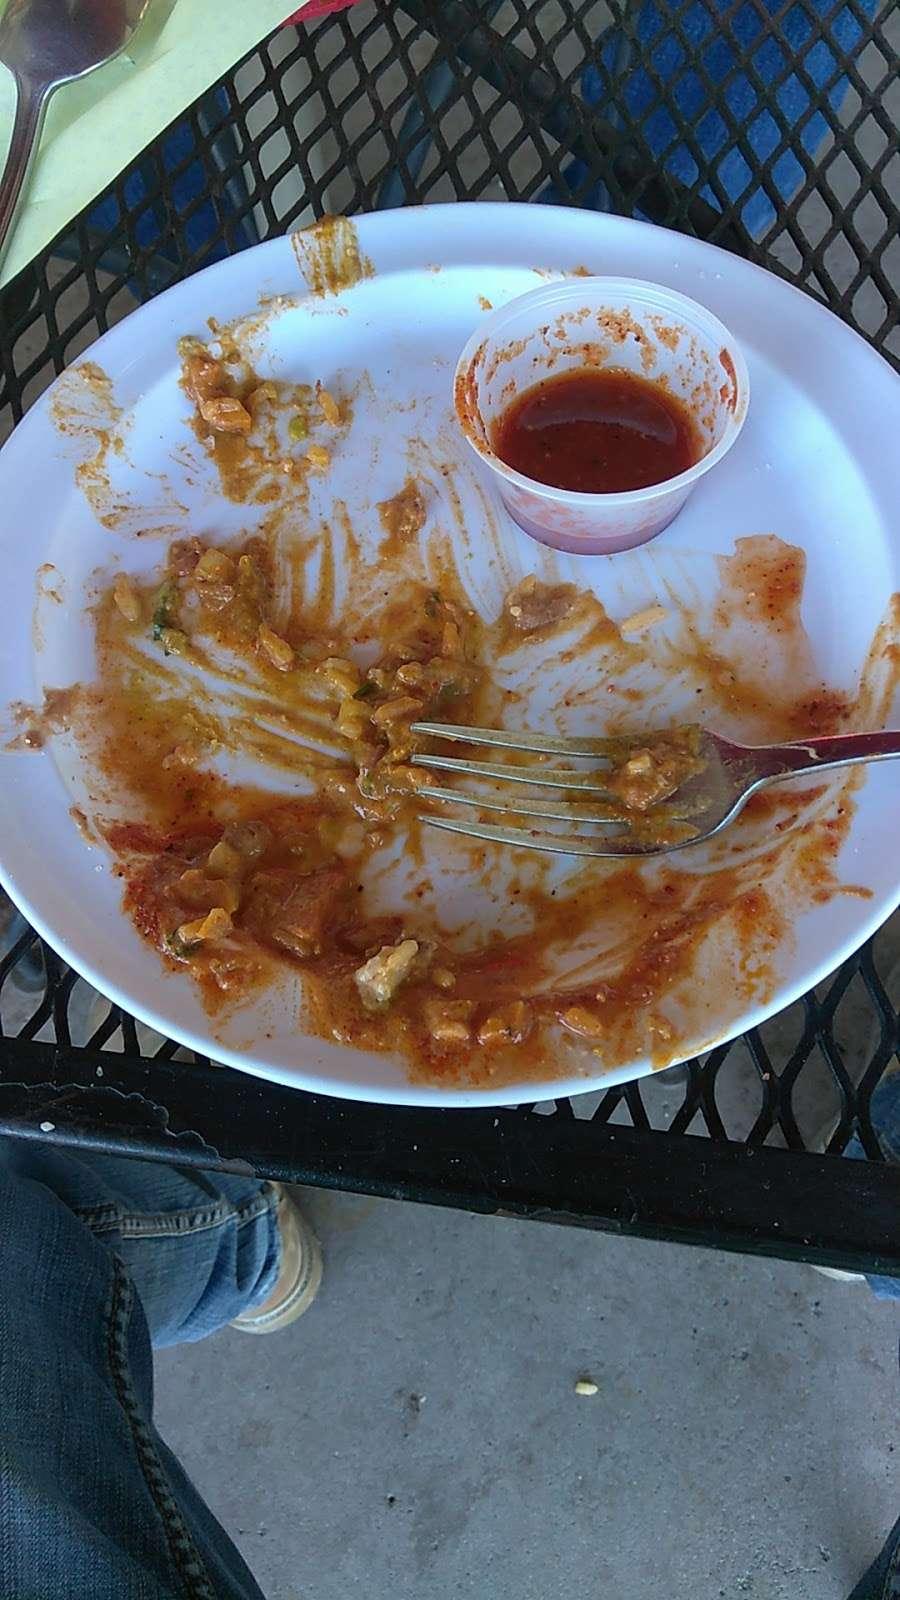 Mannys El Taco De Mexico - restaurant  | Photo 7 of 10 | Address: 1038 E Avenida De Los Arboles, Thousand Oaks, CA 91360, USA | Phone: (805) 492-4709